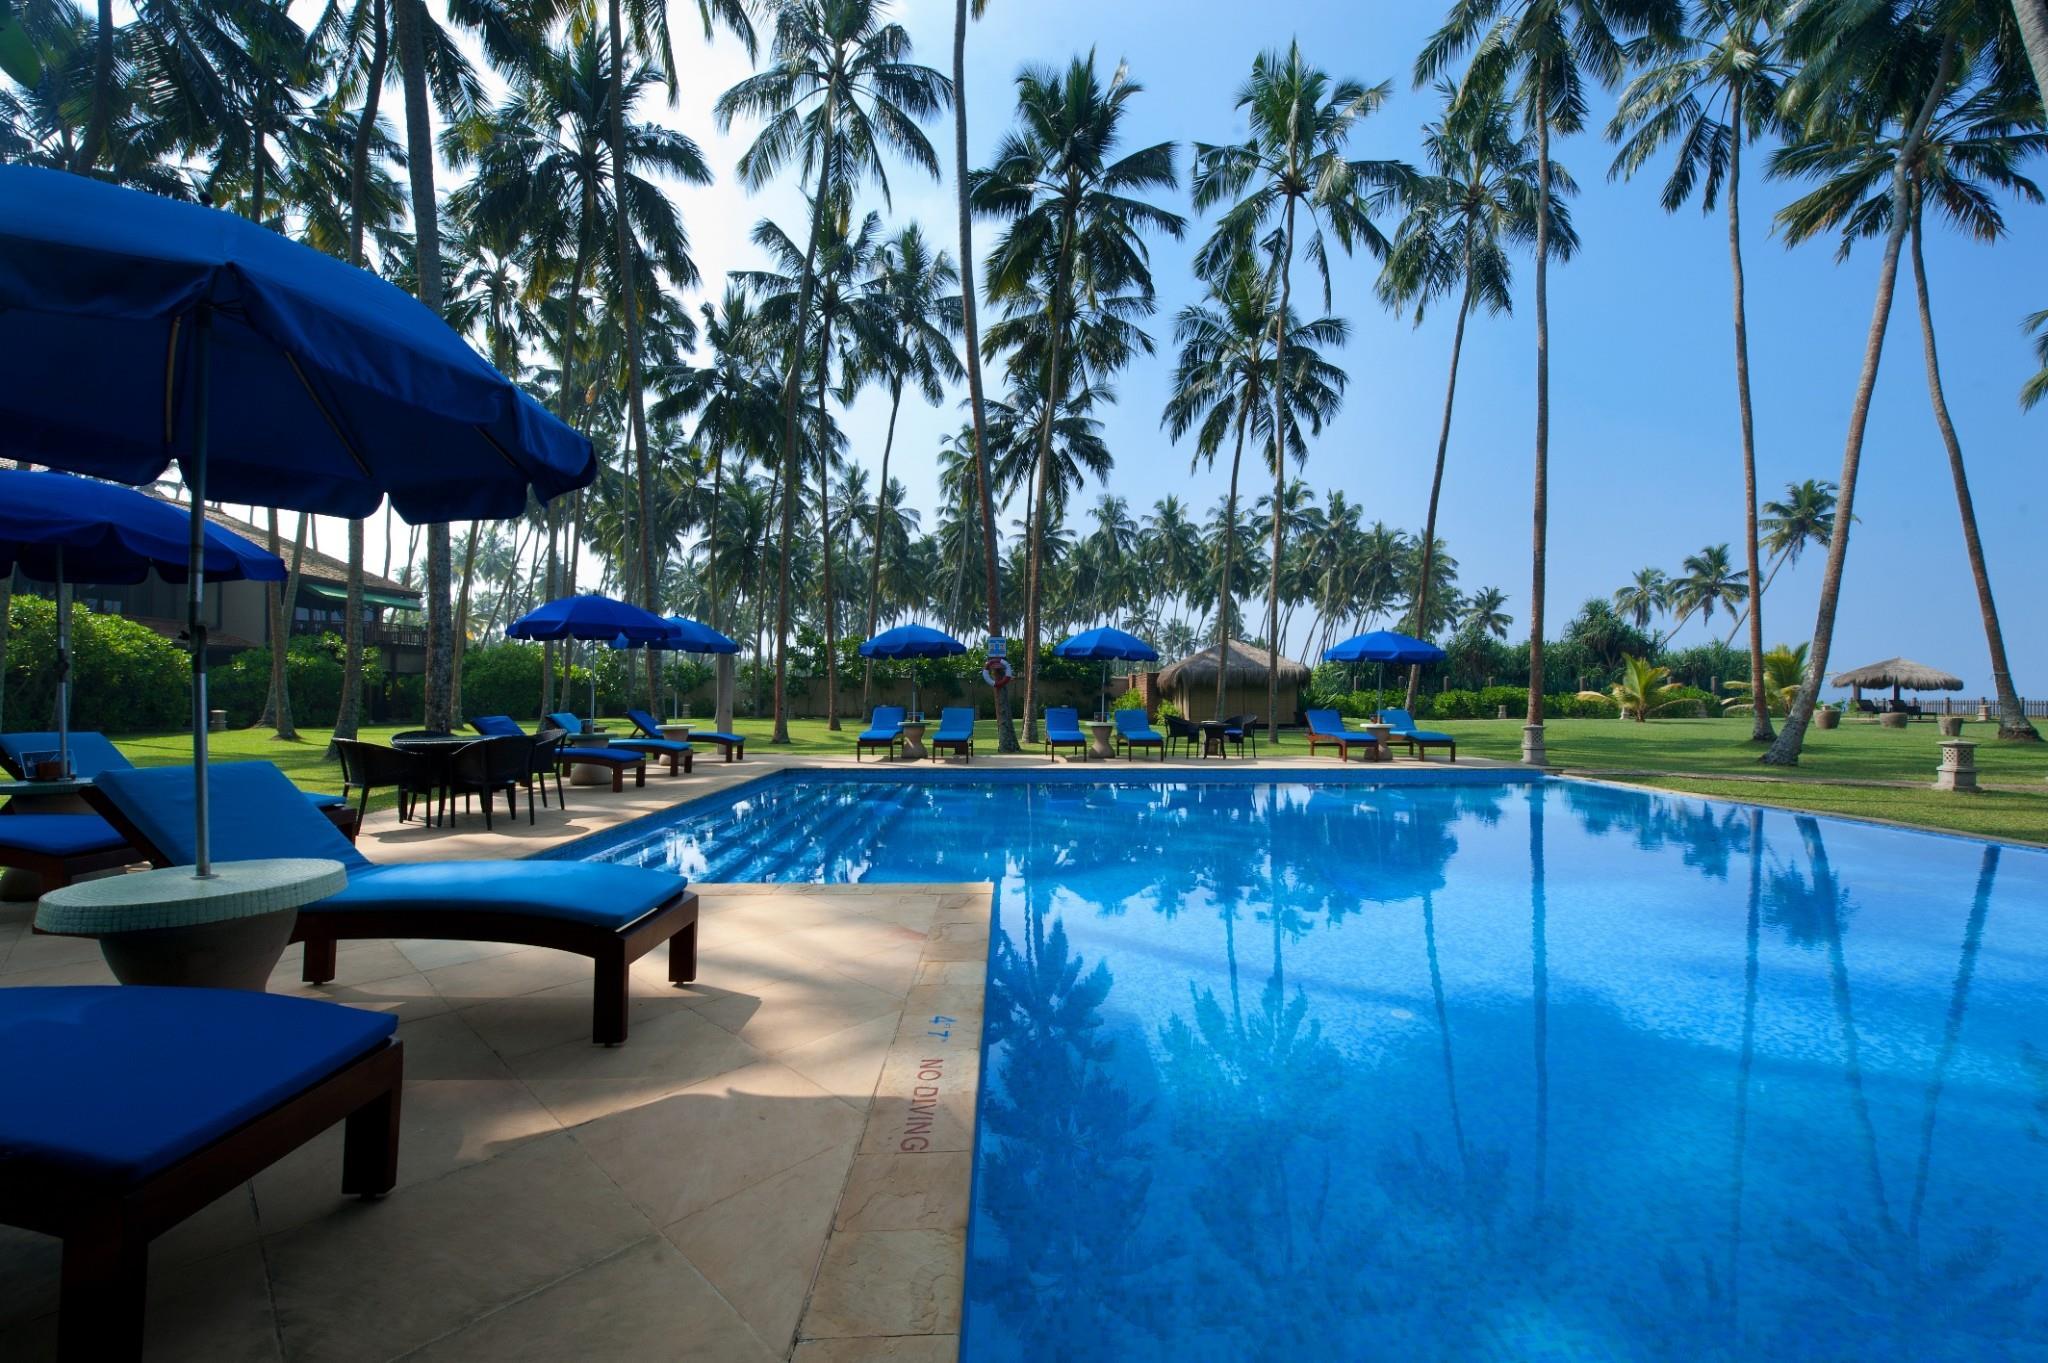 Sri Lanka Luxury Honeymoon Tour 2